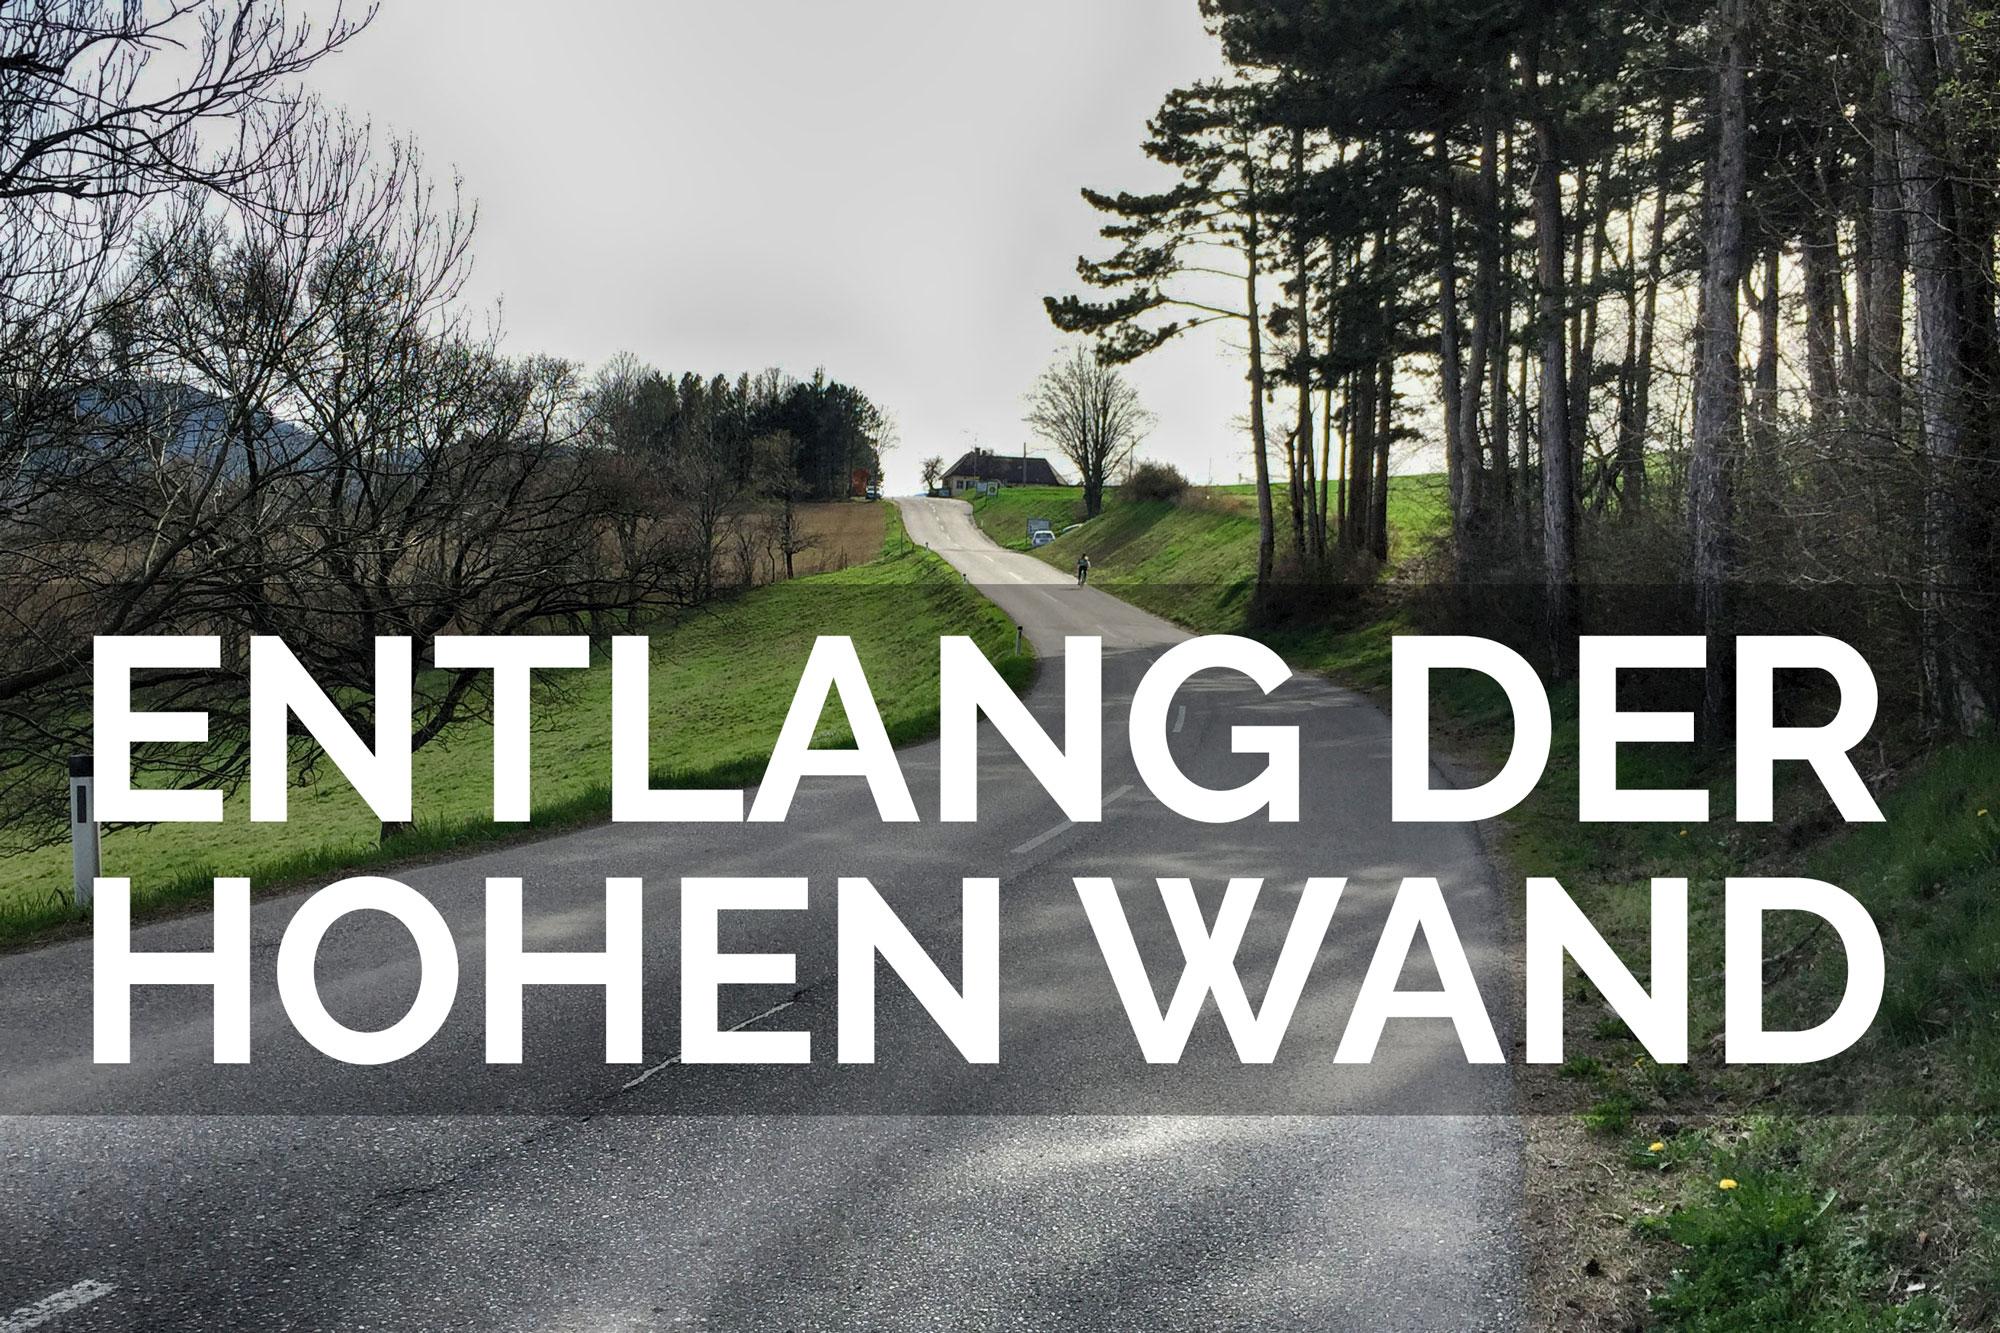 Niederösterreich, Radblog, Rennradblog, Geradeaus, Hohe Wand, Rennradfahren, Blog, Garmin, Markt Piesting, Bad Fischau, Onthehunt, Cycling, Tini, Andy, Team, Radblog, Hernstein, Rennradroute, Garmin Connect, Garminroute, Route, Maps, GPS, Rennradblog,